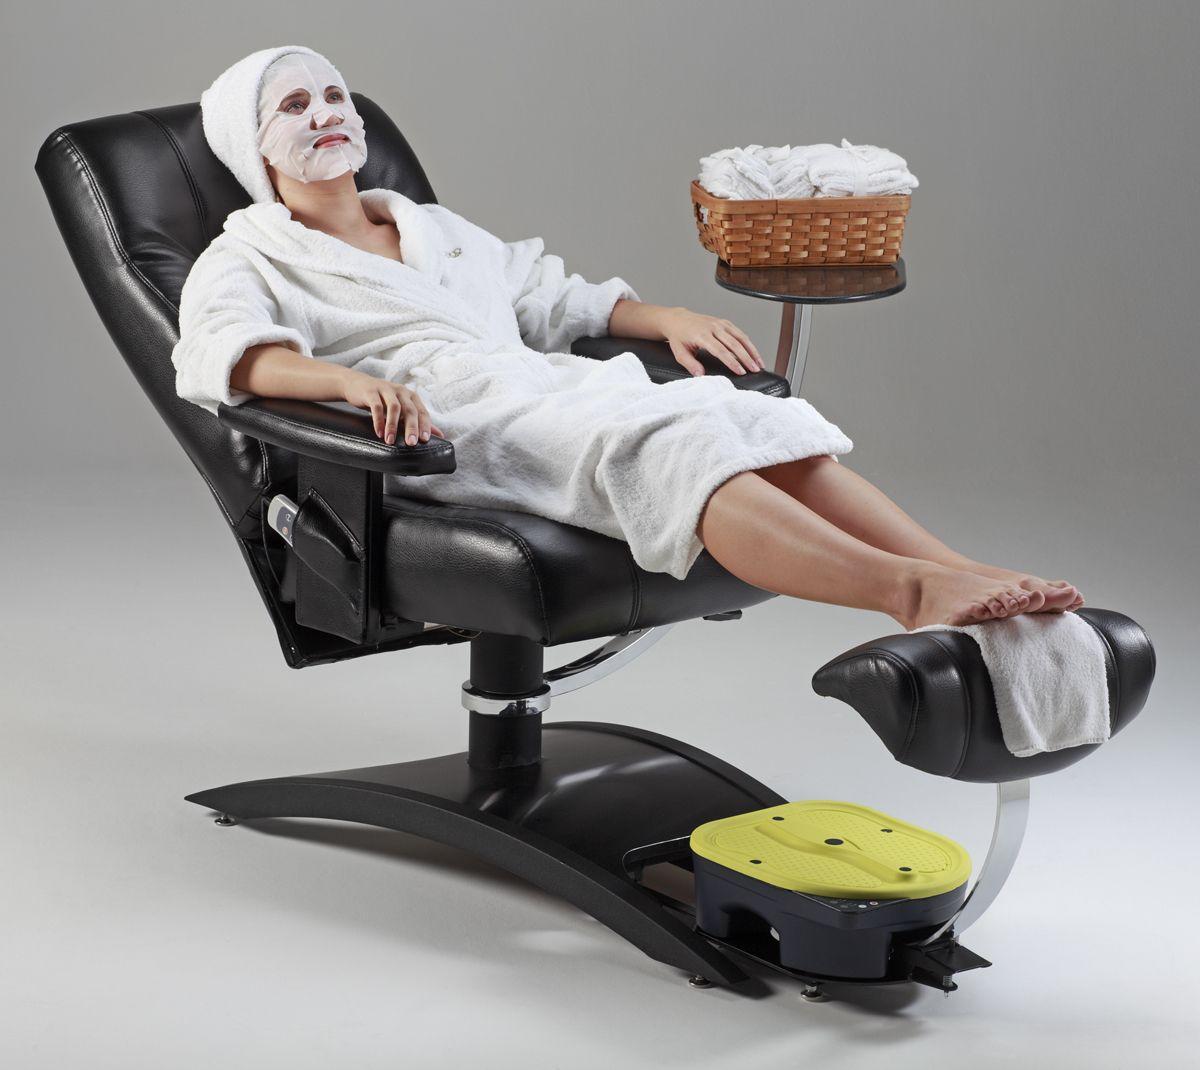 Pedicure Chair Embrace NoPlumbing en 2020 Ideas